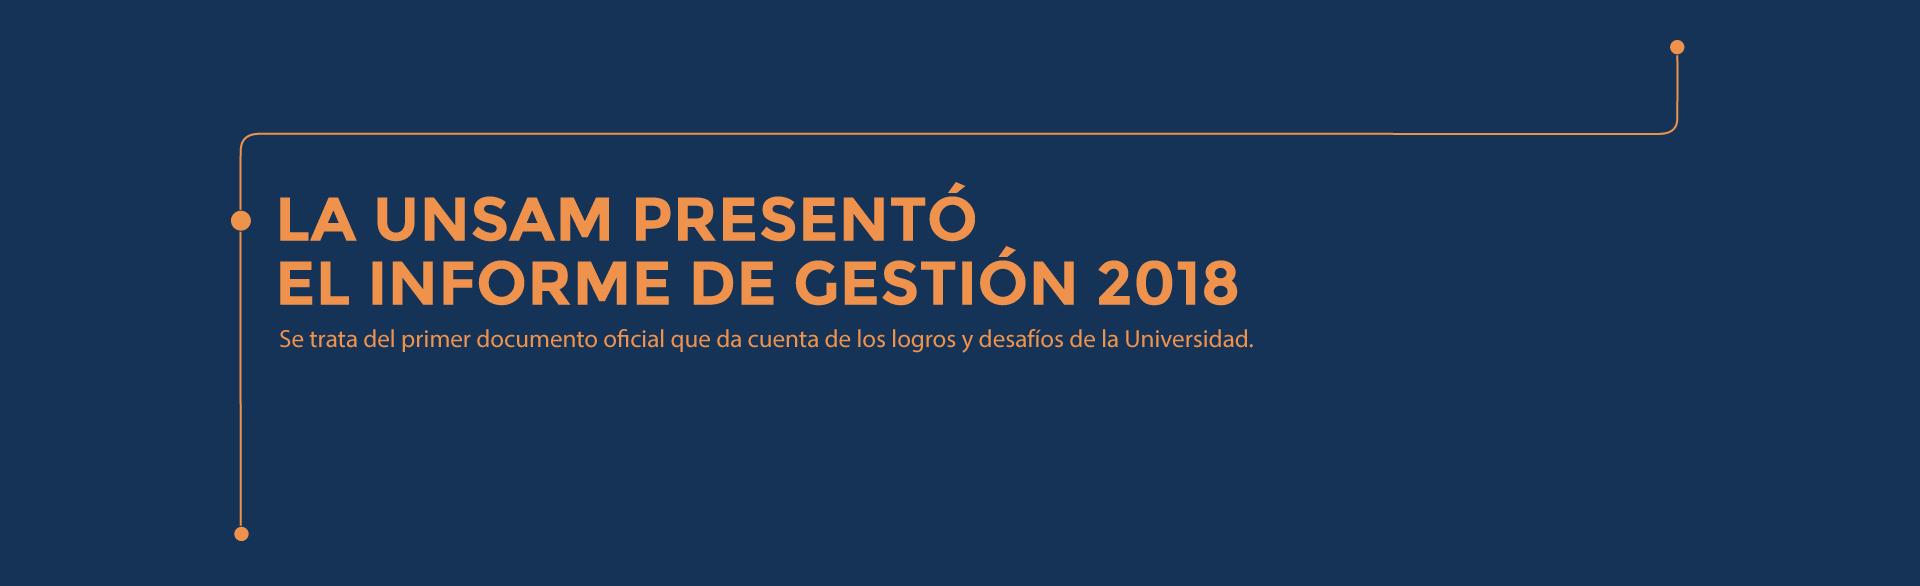 La UNSAM presentó el Informe de Gestión 2018